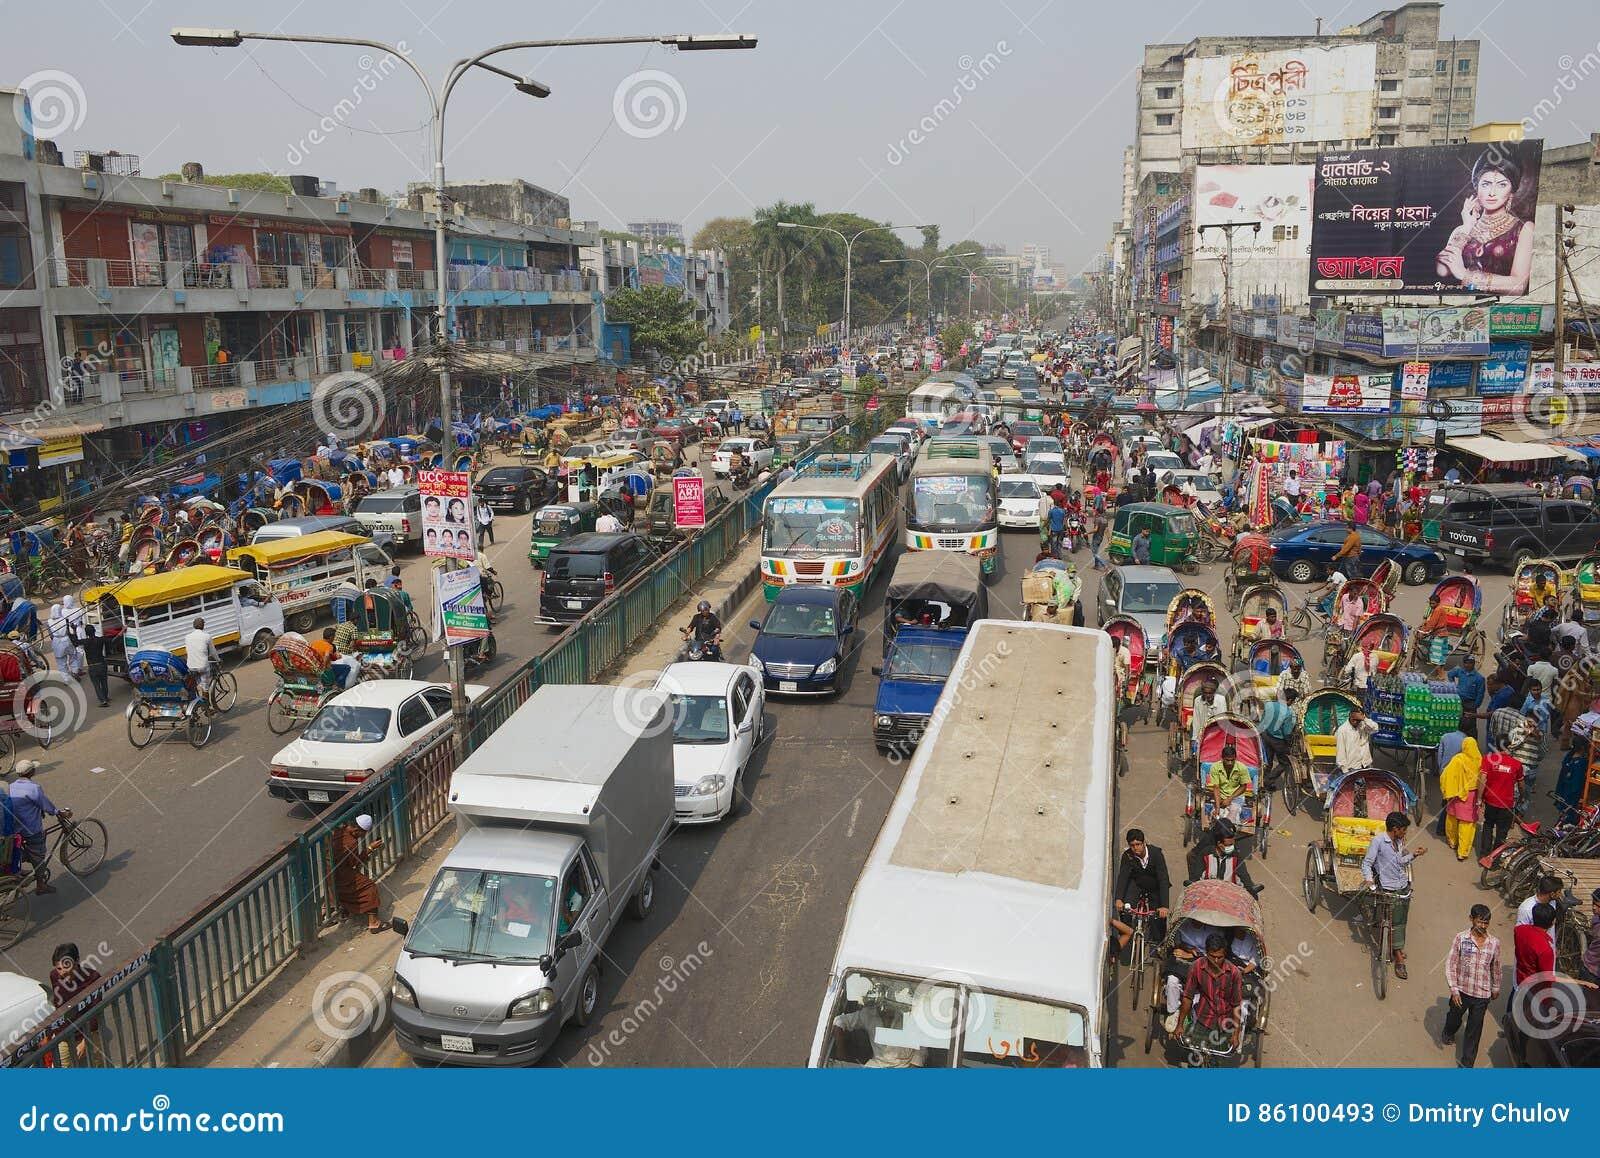 Opstopping bij het centrale deel van de stad in Dhaka, Bangladesh